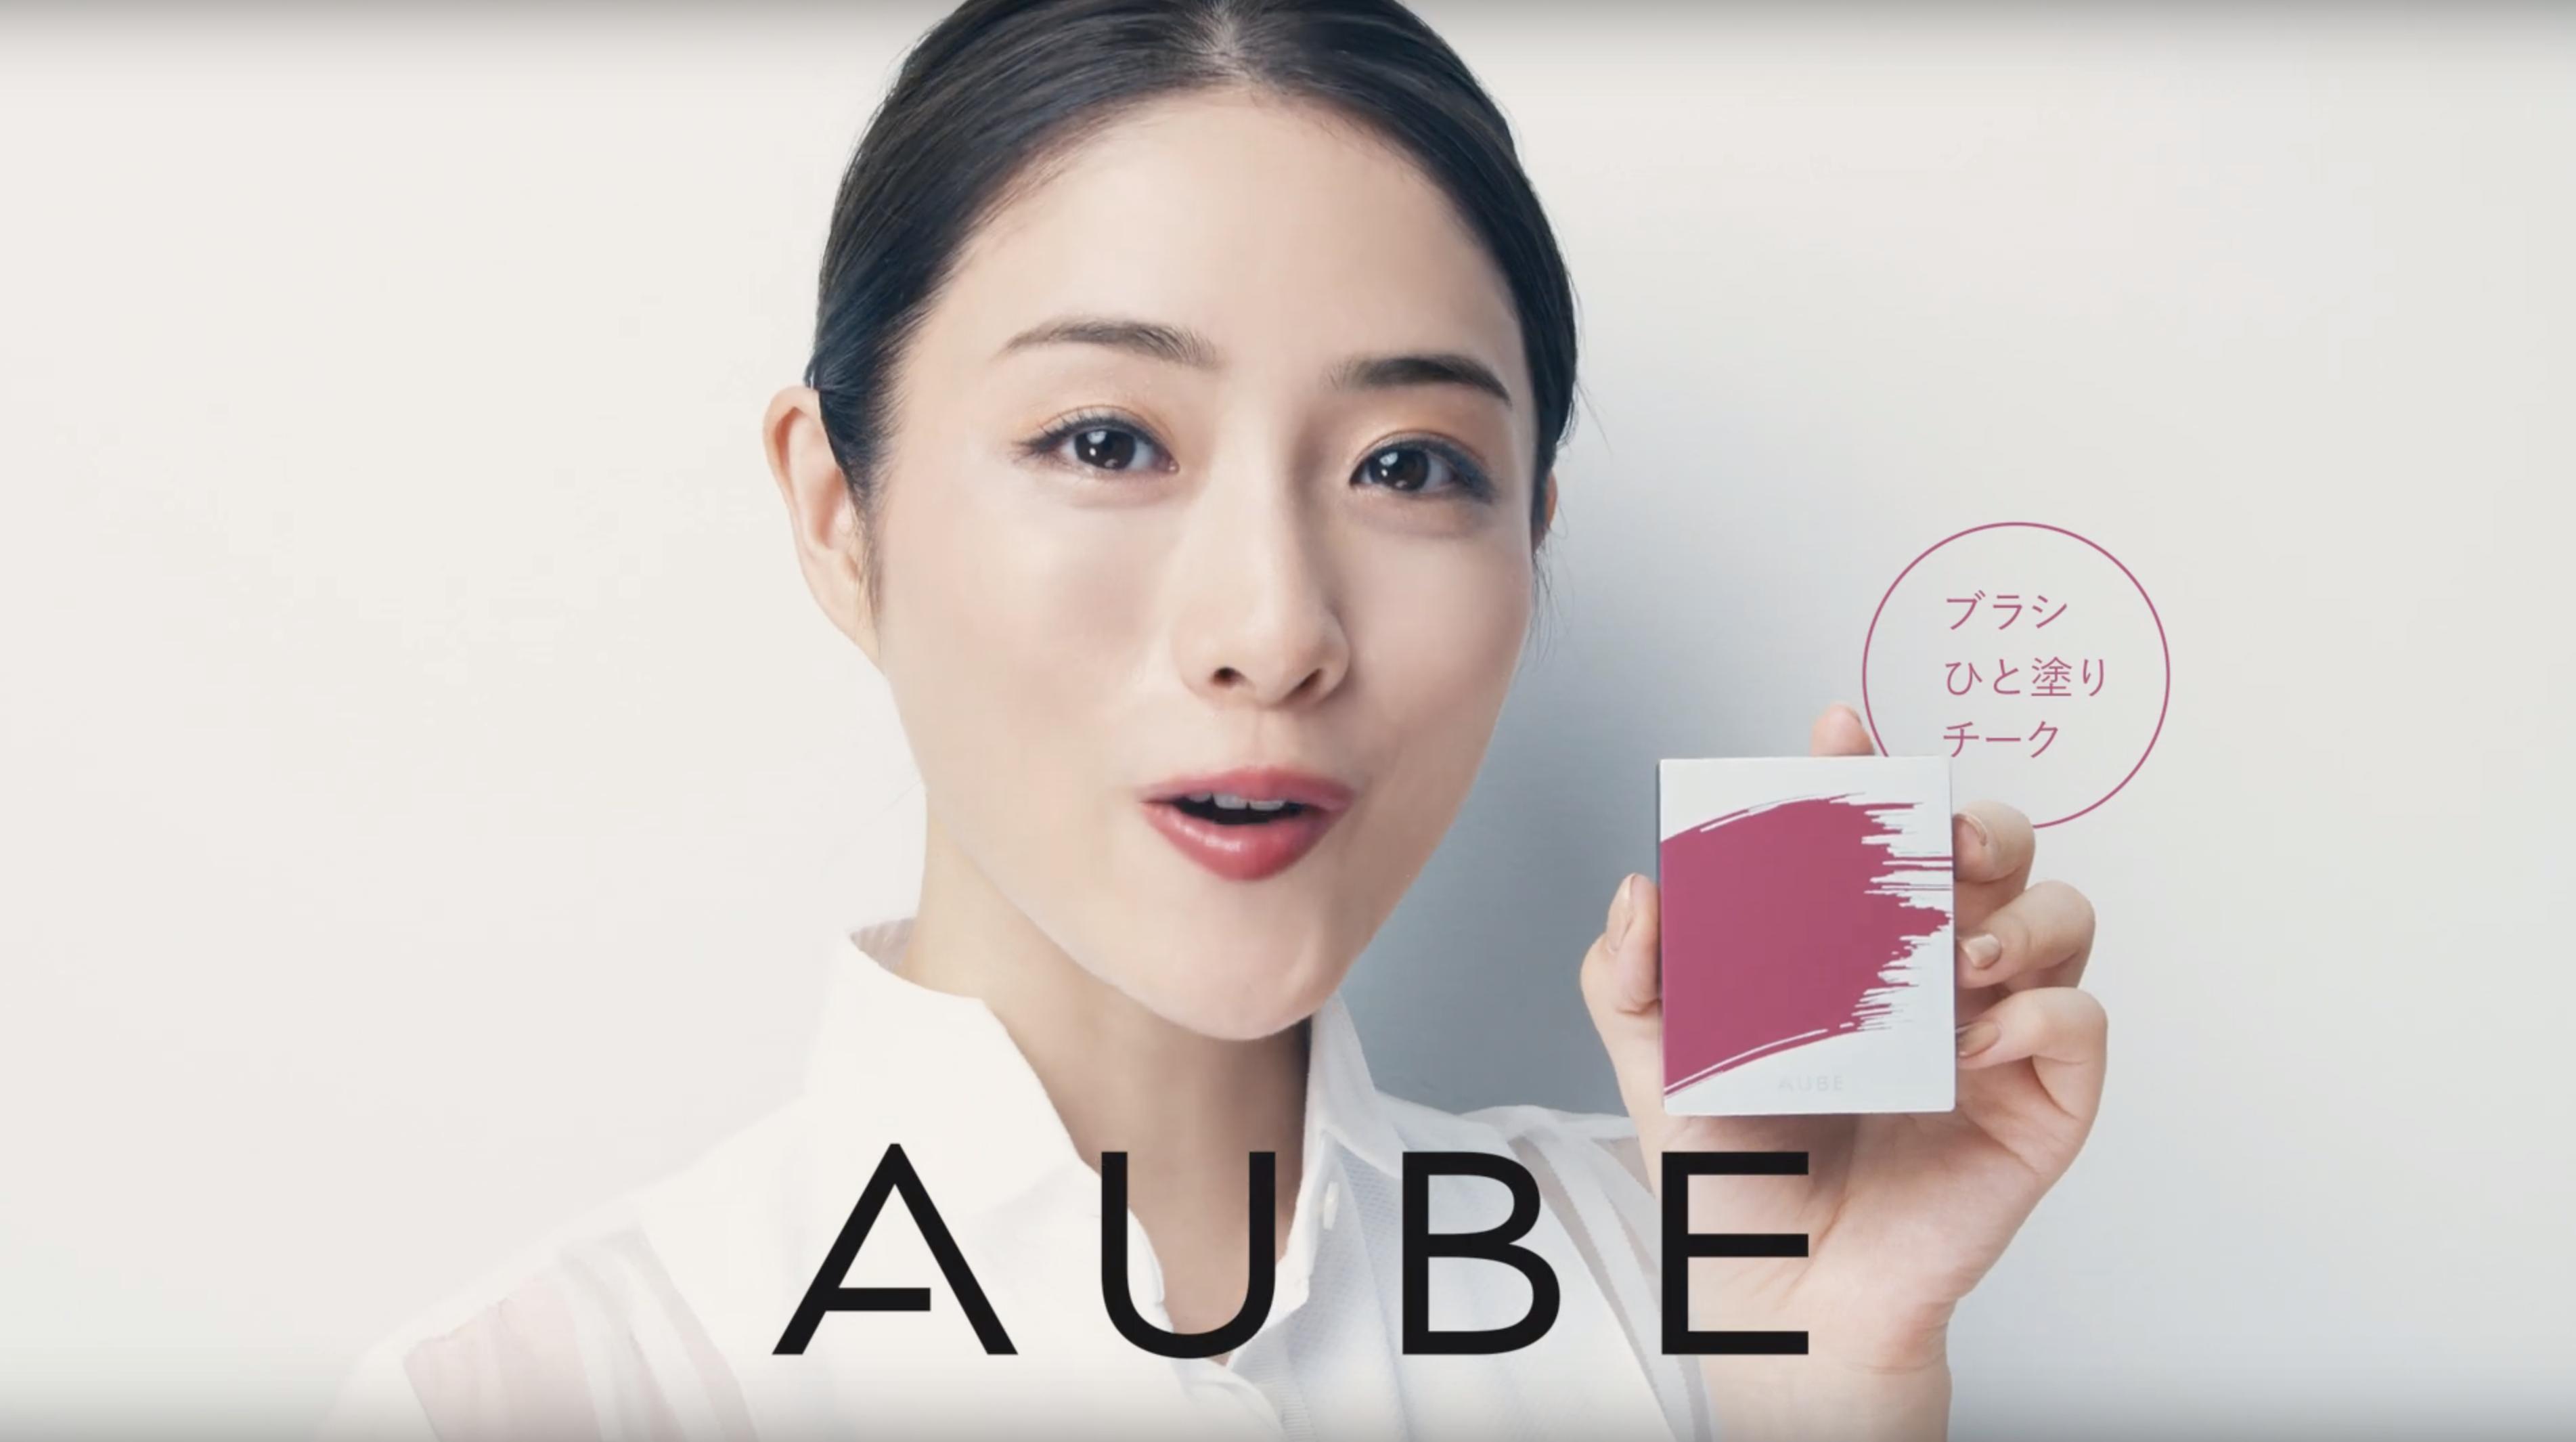 石原さとみ(AUBE)CMの使用アイテムや色は?曲や服装も調査!